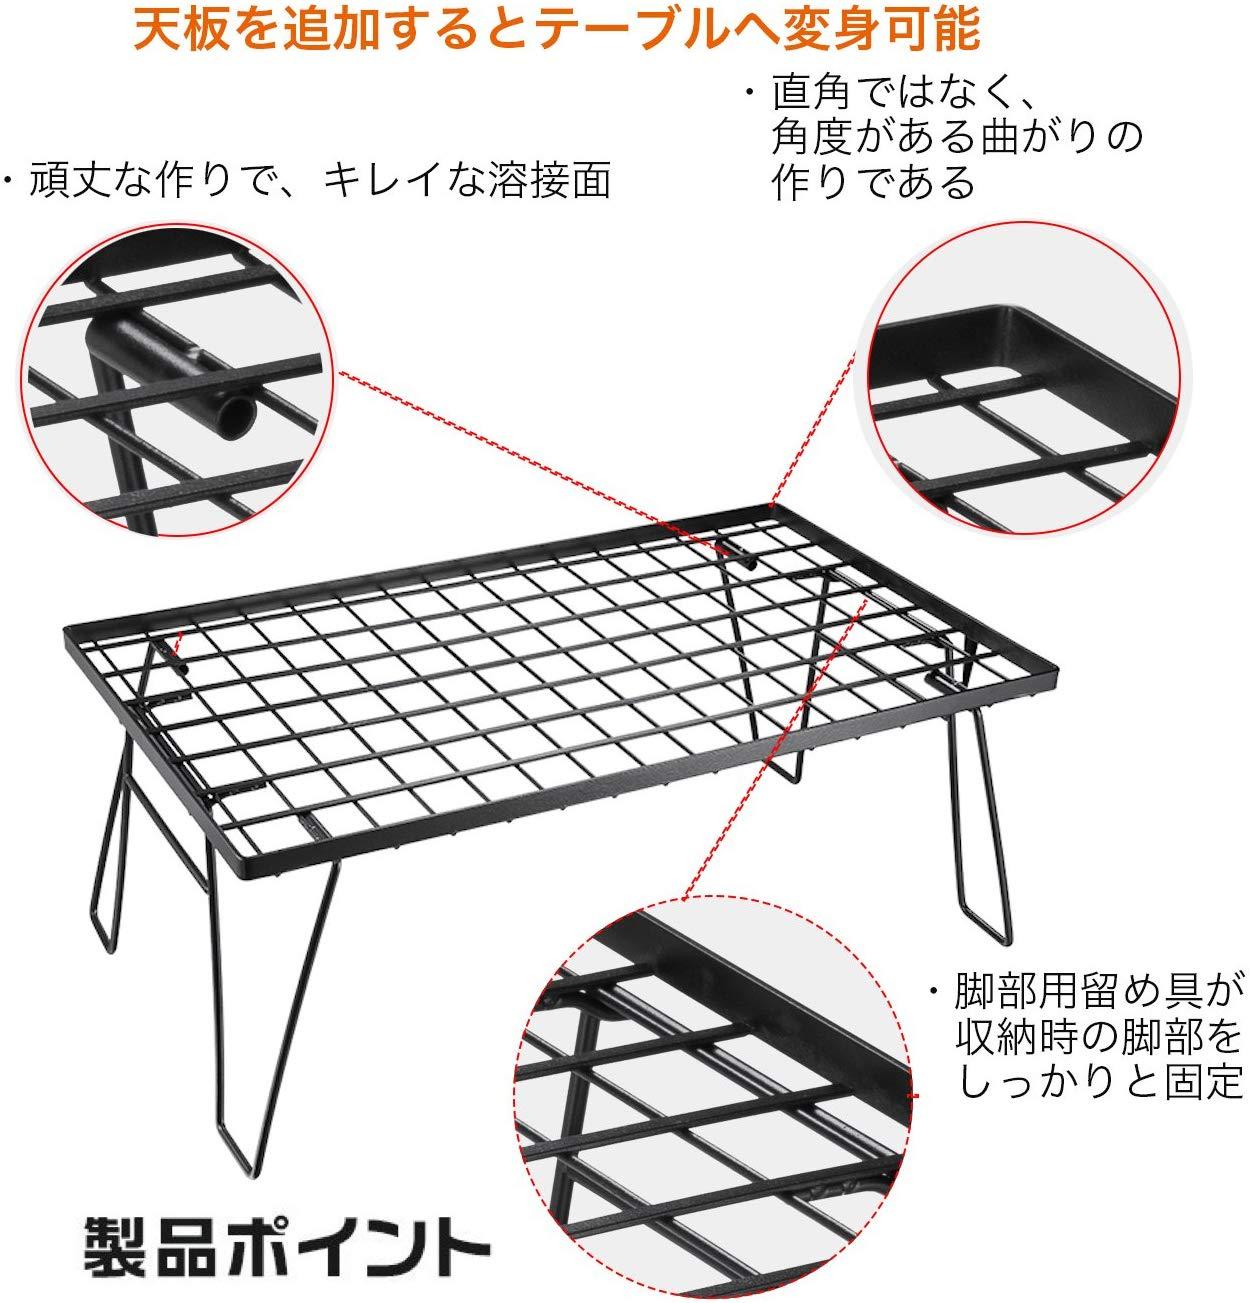 フィールドラック 本体T-230(黒メッキ)/竹製天板セット